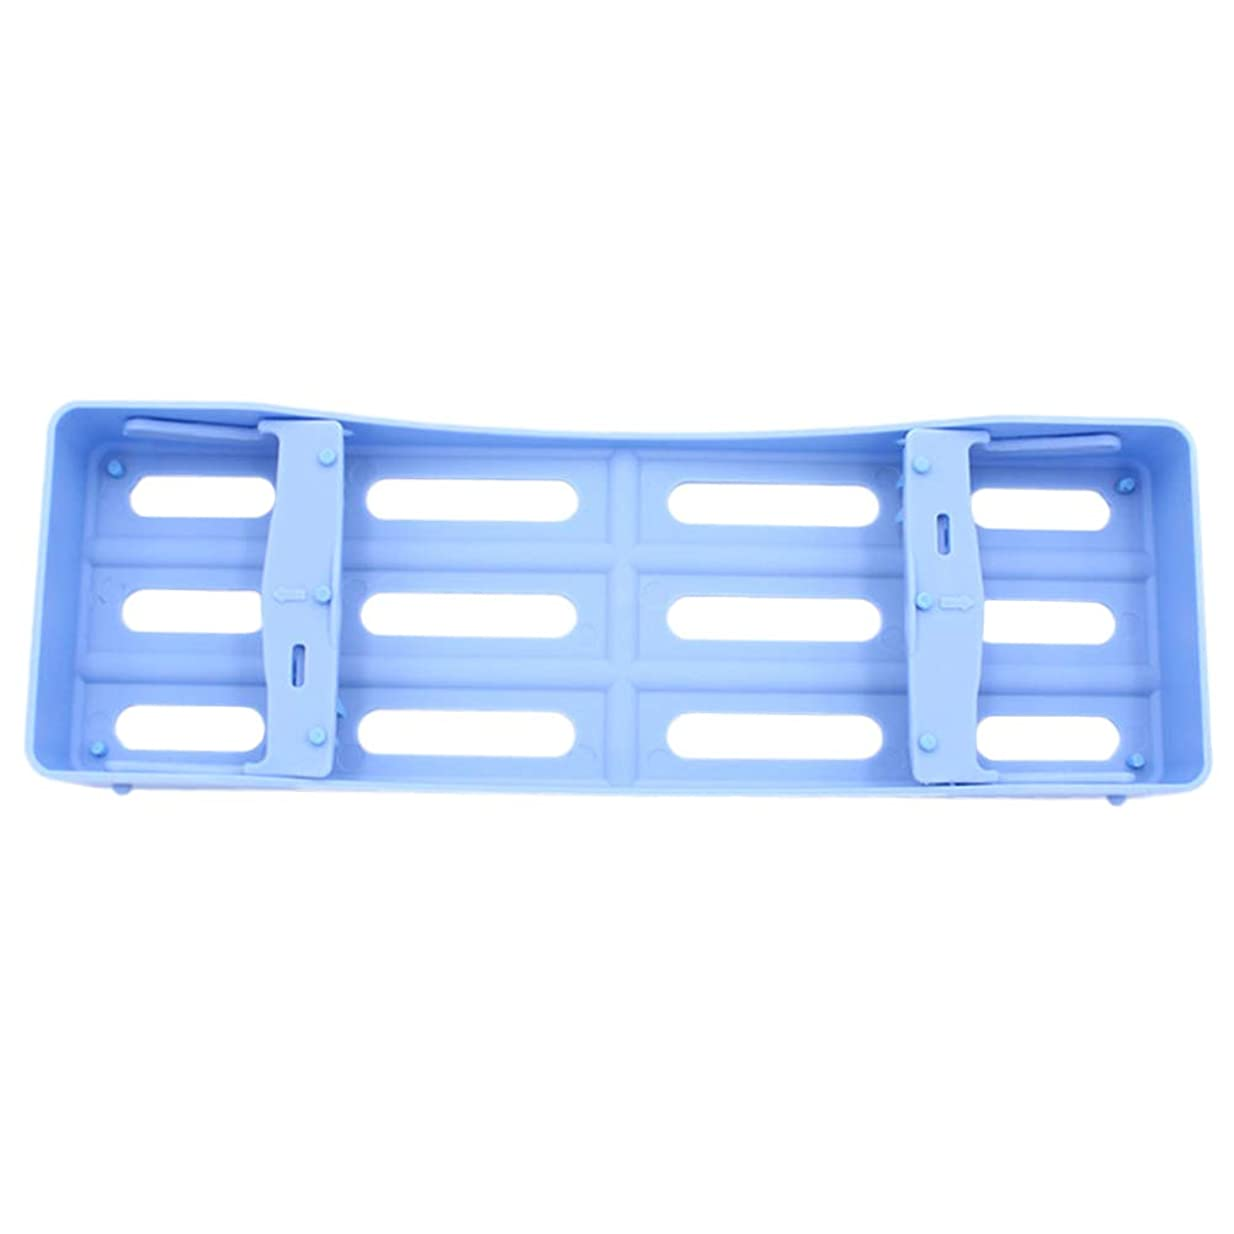 貸し手ではごきげんようアンペアHEALLILY プラスチック製の歯科用カセット滅菌消毒トレイ3個用ツール収納用(ブルー)